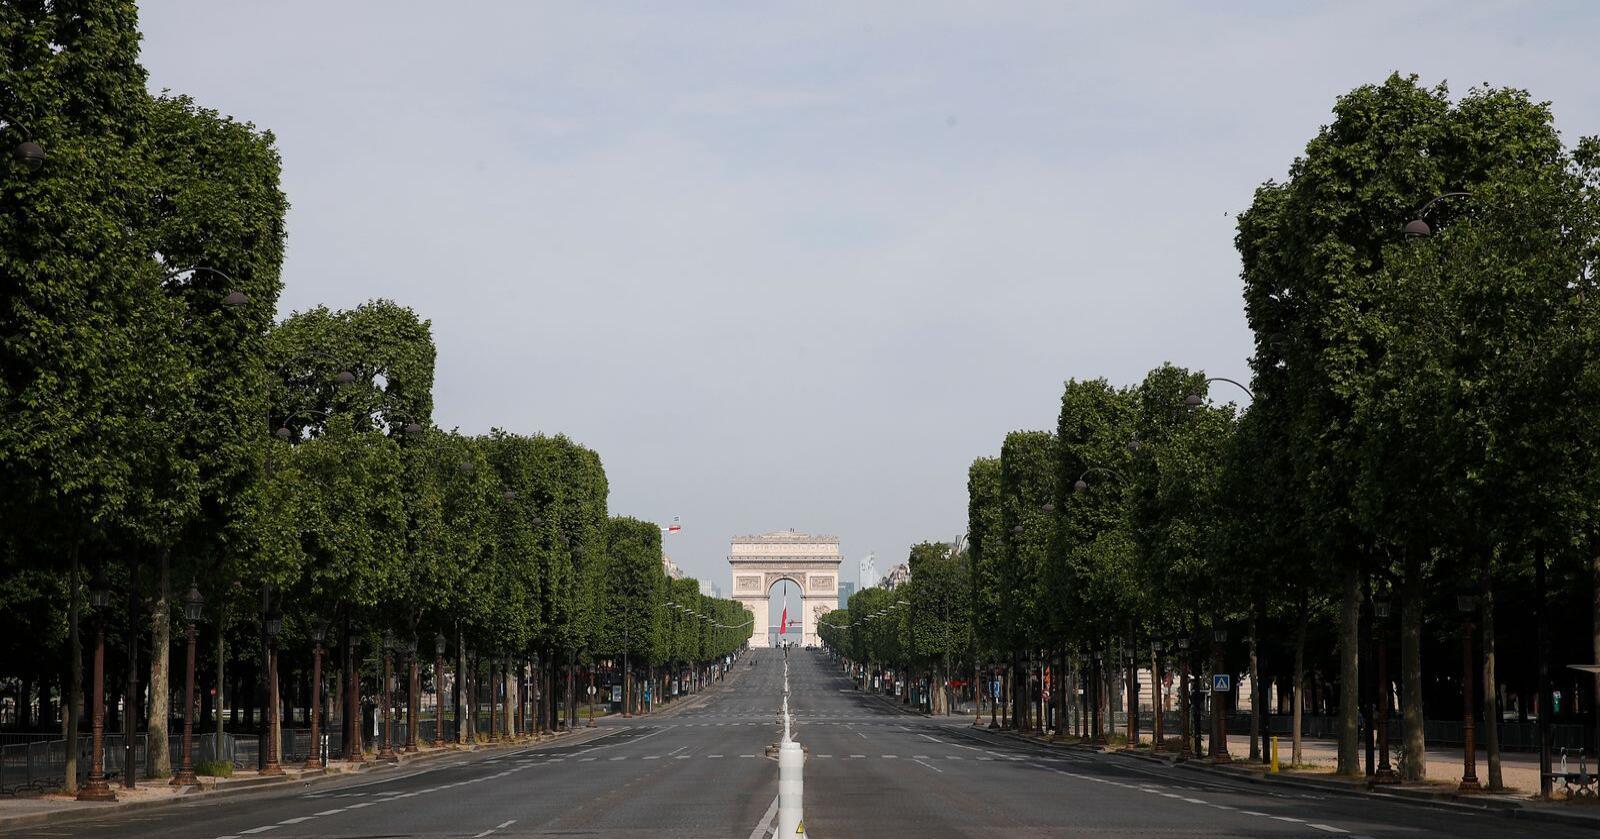 En folketom Champs-Élysées i sentrum av Paris på frigjøringsdagen 8. mai. Veitrafikken er blitt kraftig redusert under koronakrisen, noe som har bidratt til store fall i CO2-utslippene. I Paris stupte utslippene med rundt 70 prosent i mars, ifølge BBC. Foto: François Mori / Pool / AP / NTB scanpix